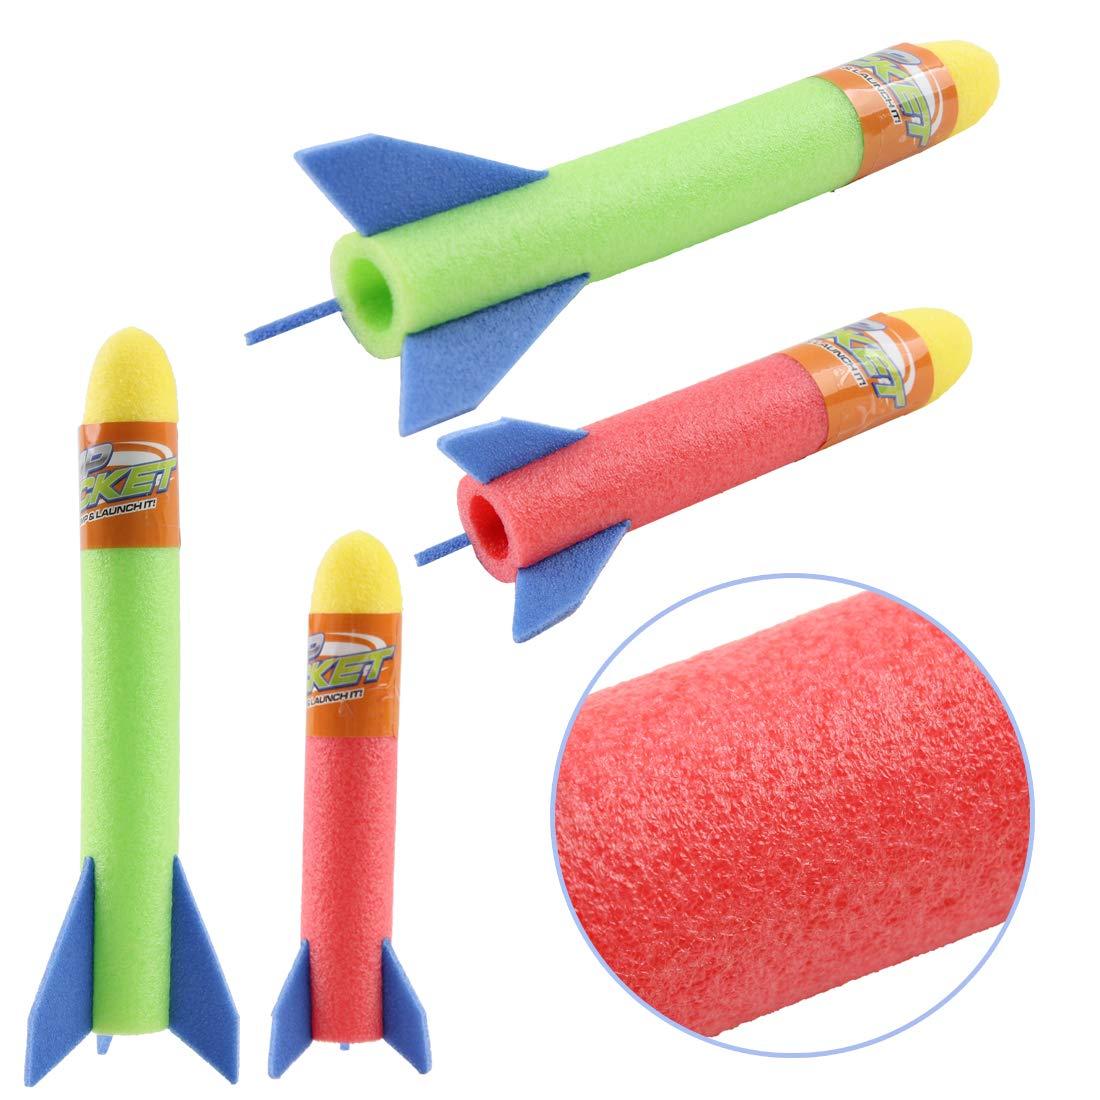 deAO Lanzador de Cohetes Infantil Salta y Lanza Cohetes Playset Conjunto Juego de Ciencia Incluye Cohetes de Goma Espuma para Interiores y Exteriores